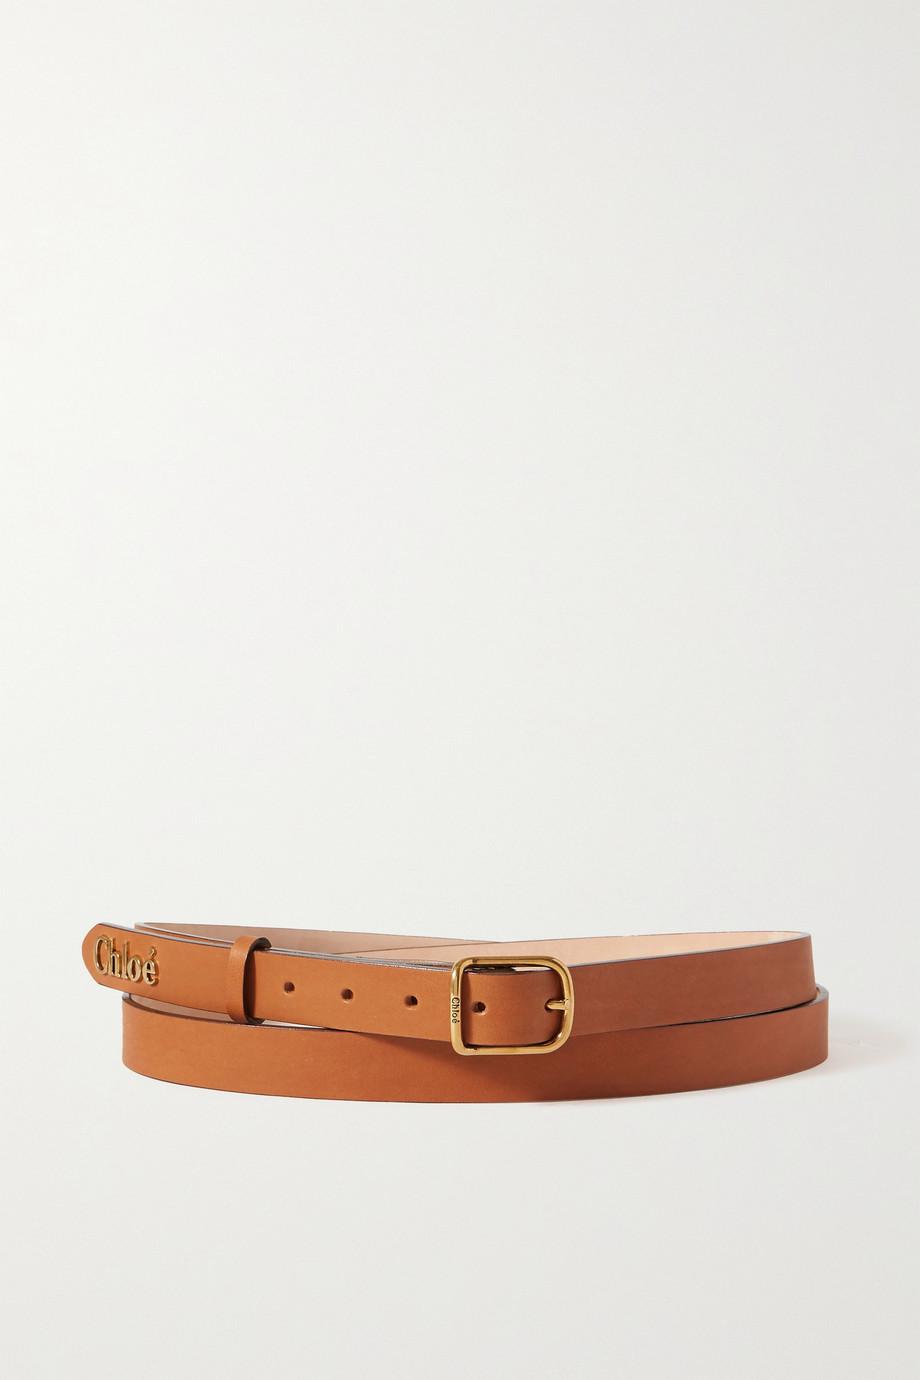 Chloé Embellished leather waist belt